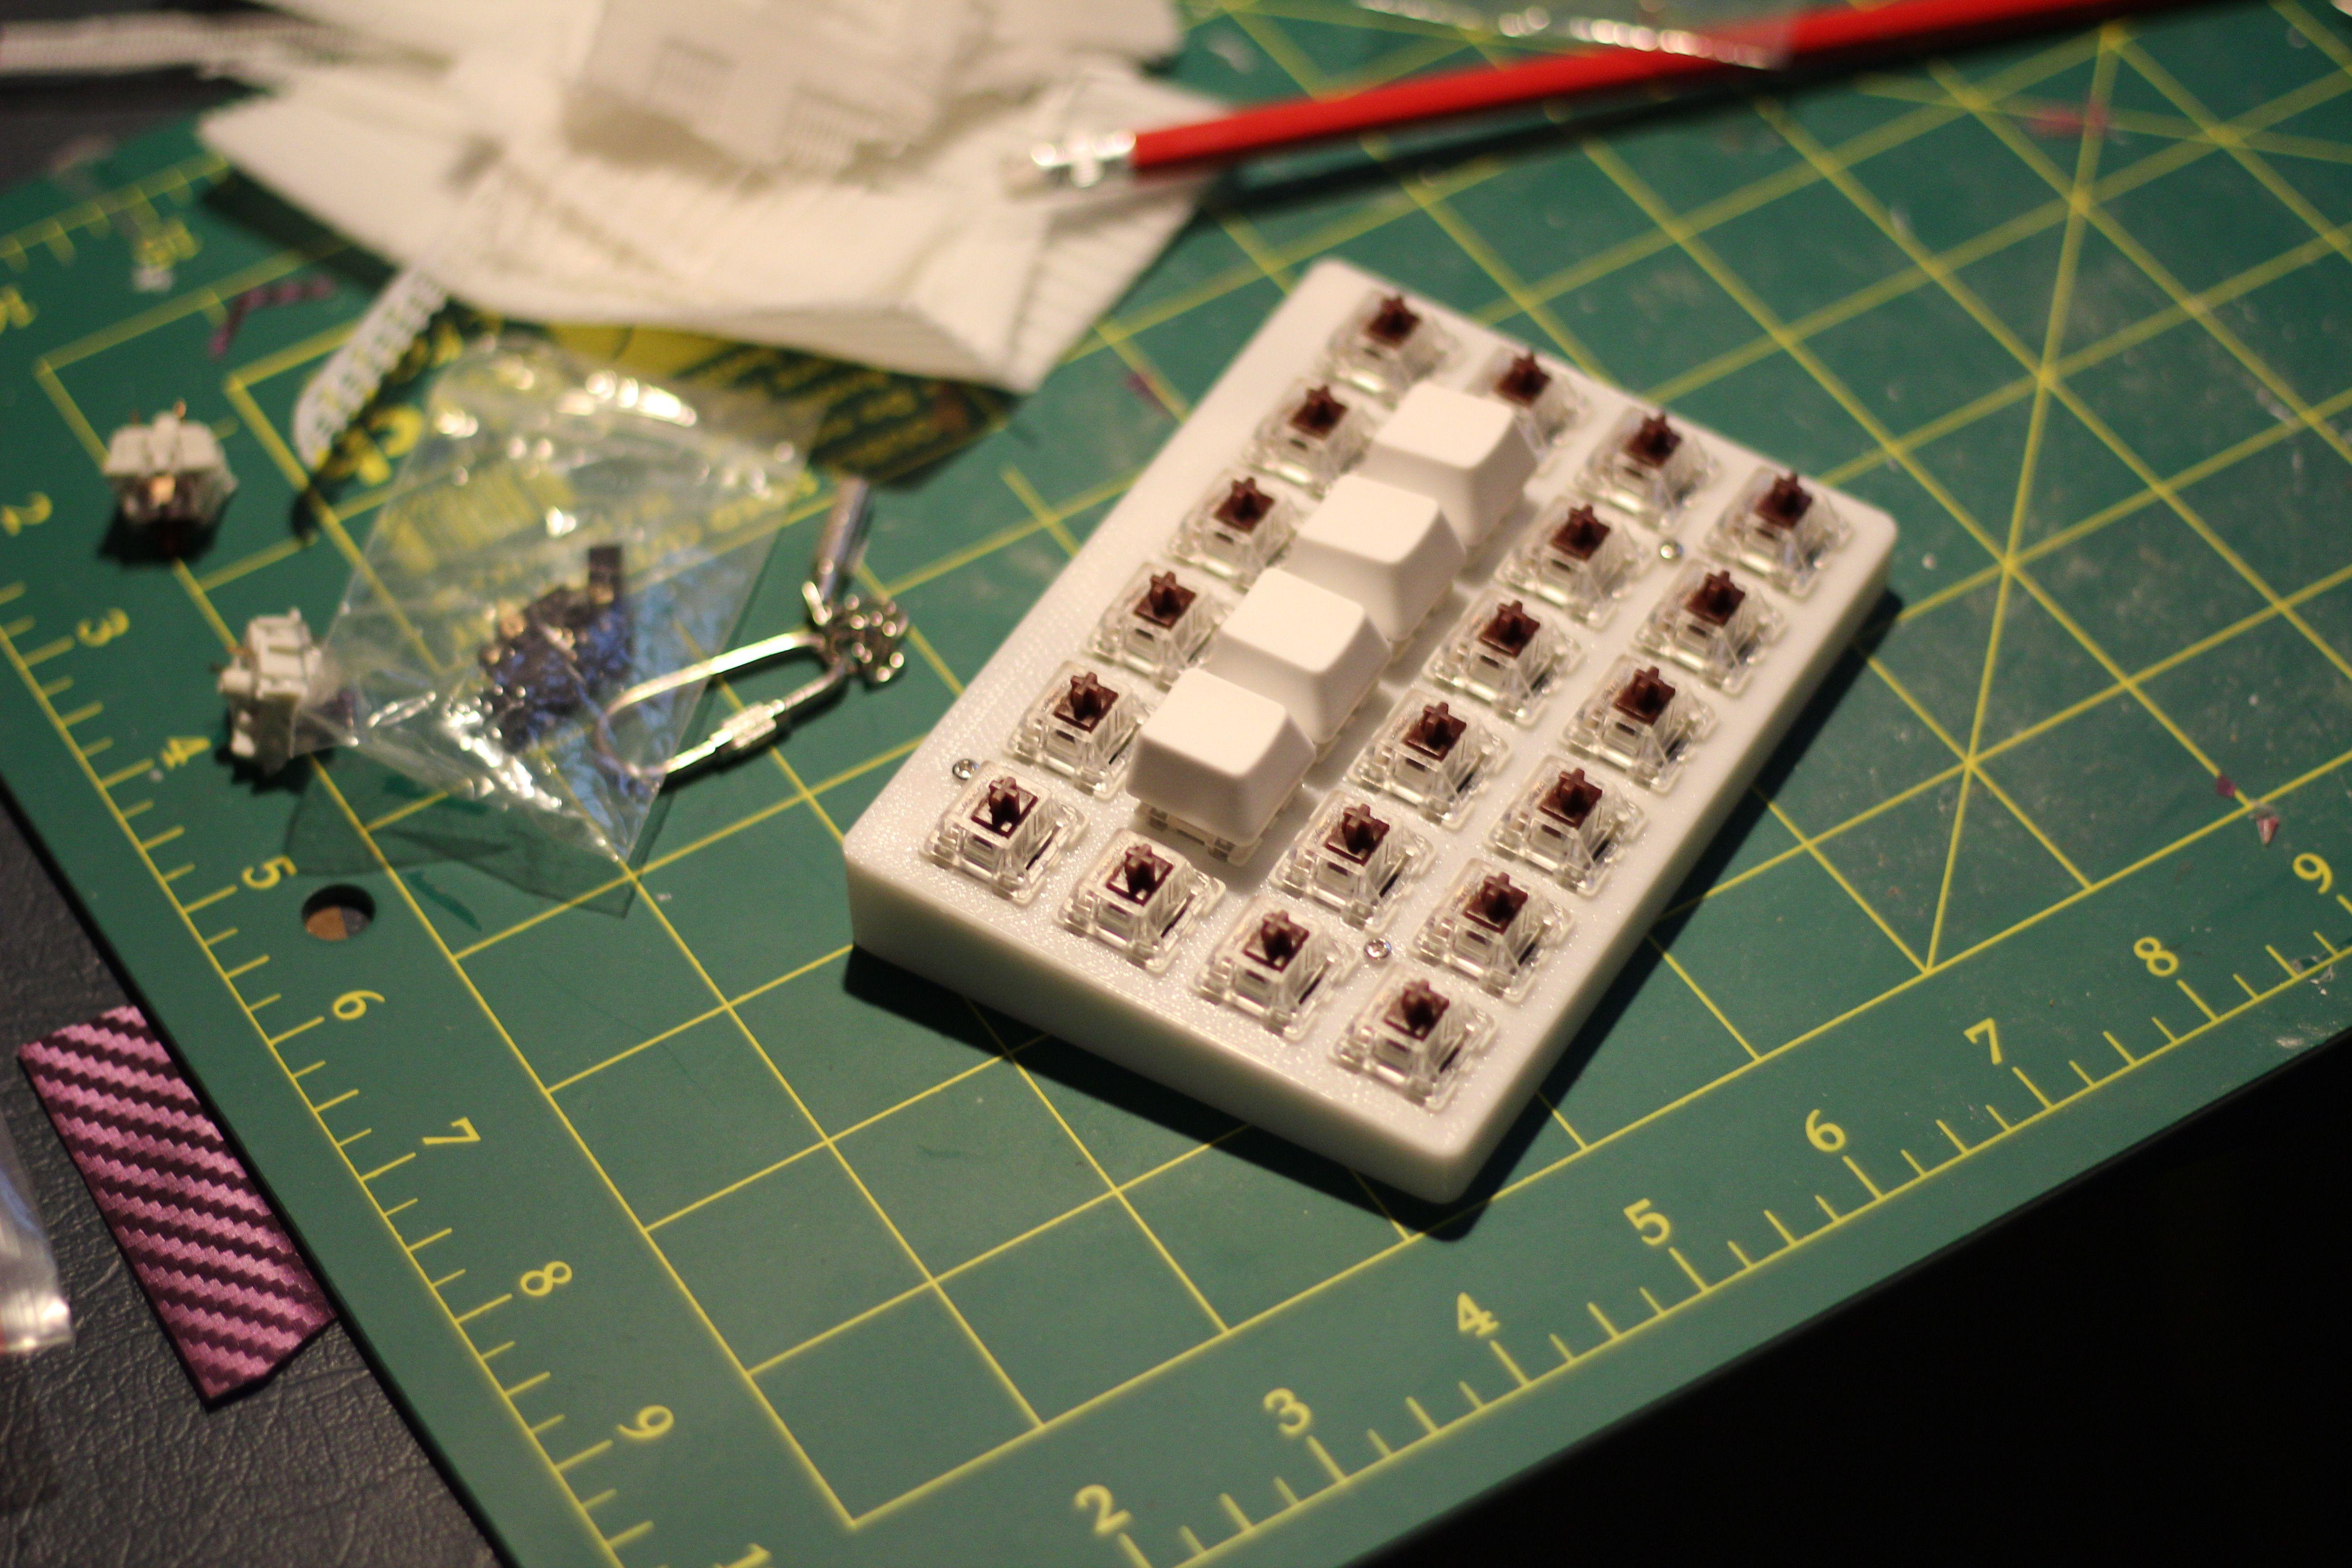 ボード「keyboard」のピン